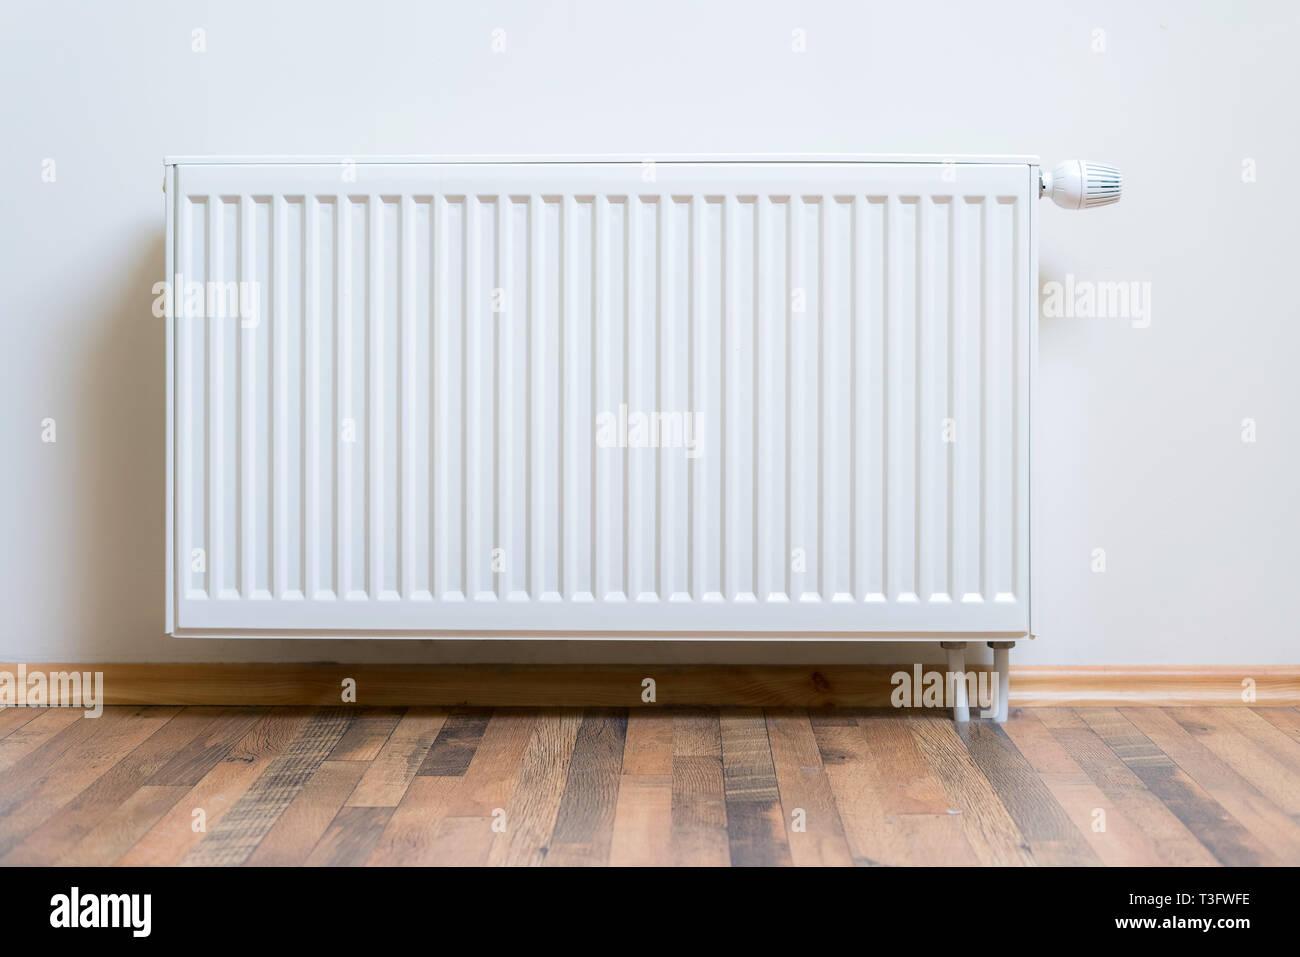 Radiador calefacción en casa en la pared blanca en el suelo de parquet de madera. Equipo de calentamiento ajustable por apartamento y hogar Imagen De Stock